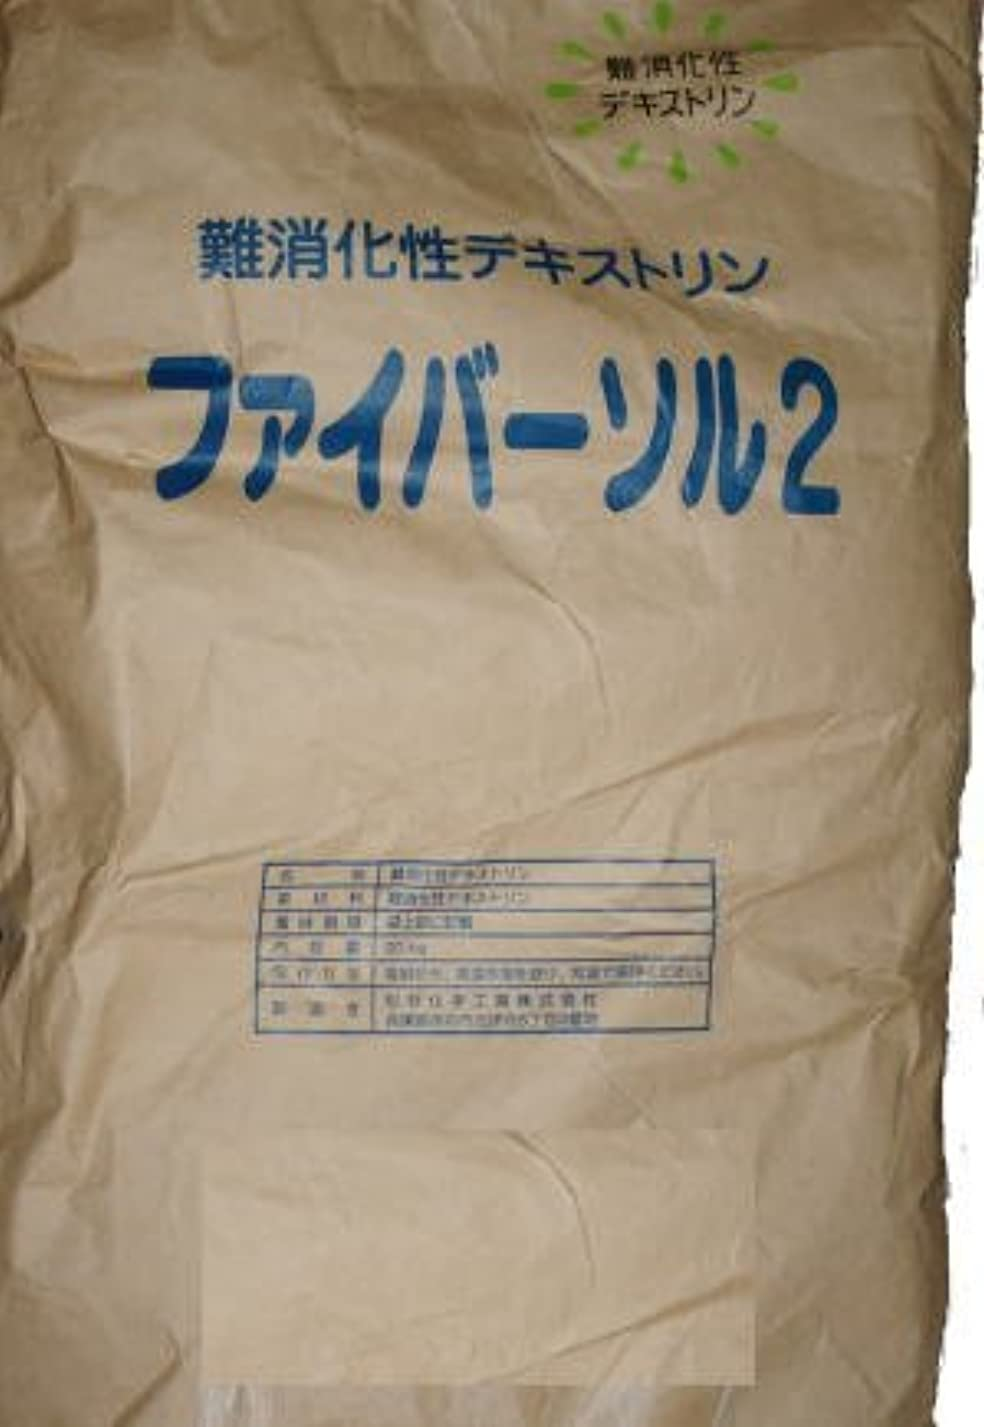 物理ステッチ教義難消化性デキストリン(水溶性食物繊維)20kg